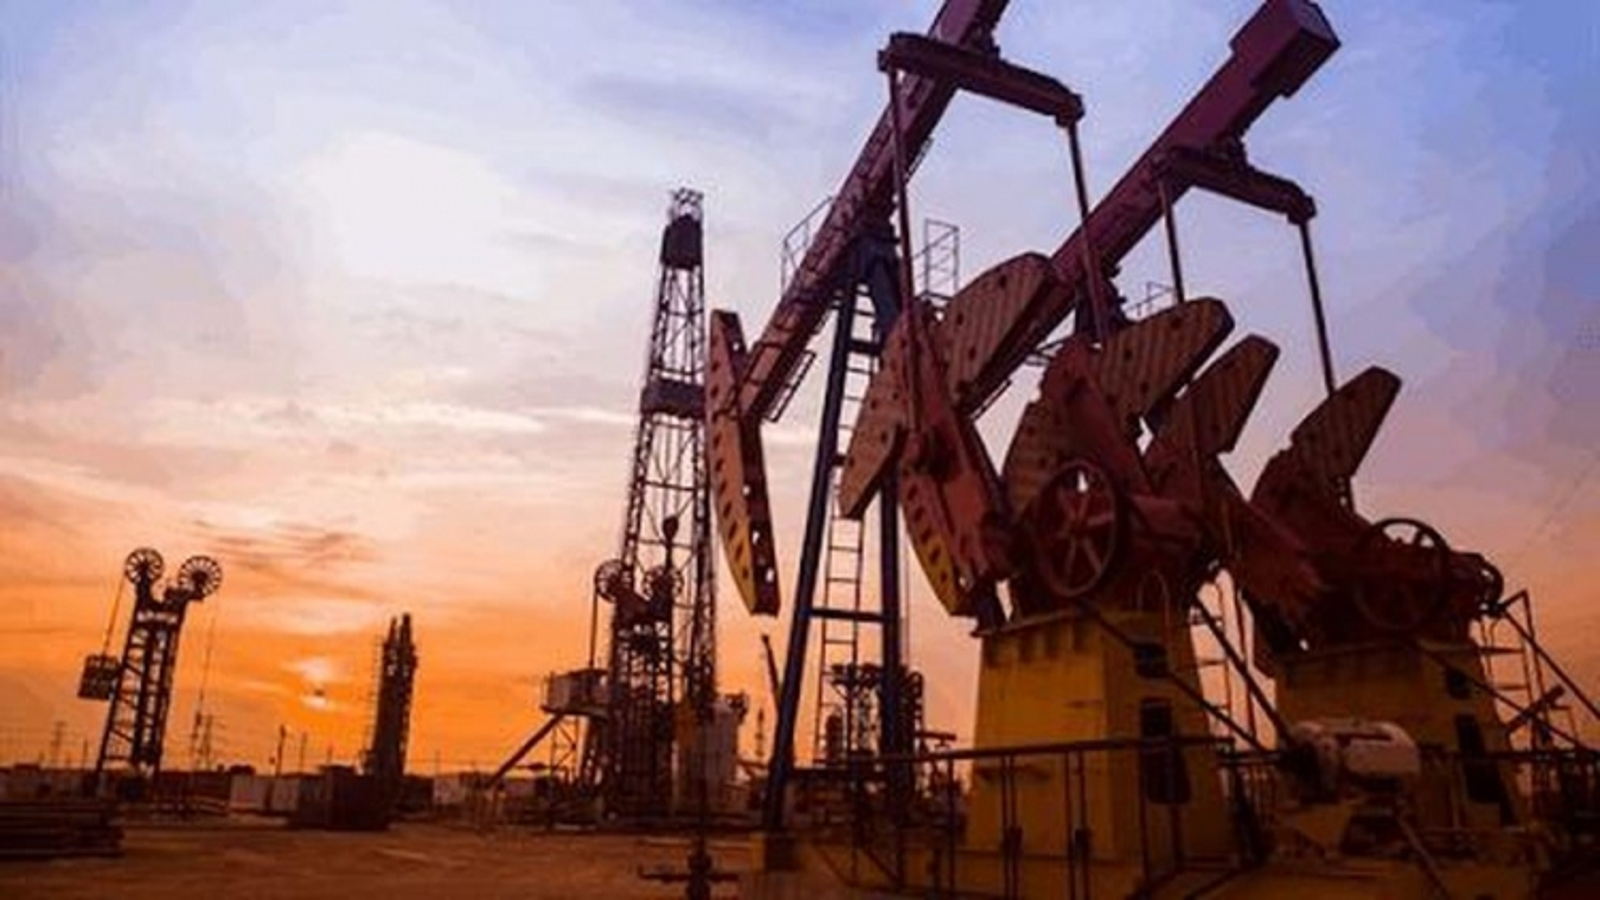 Giá dầu tăng mức cao nhất trong vòng hơn 1 năm